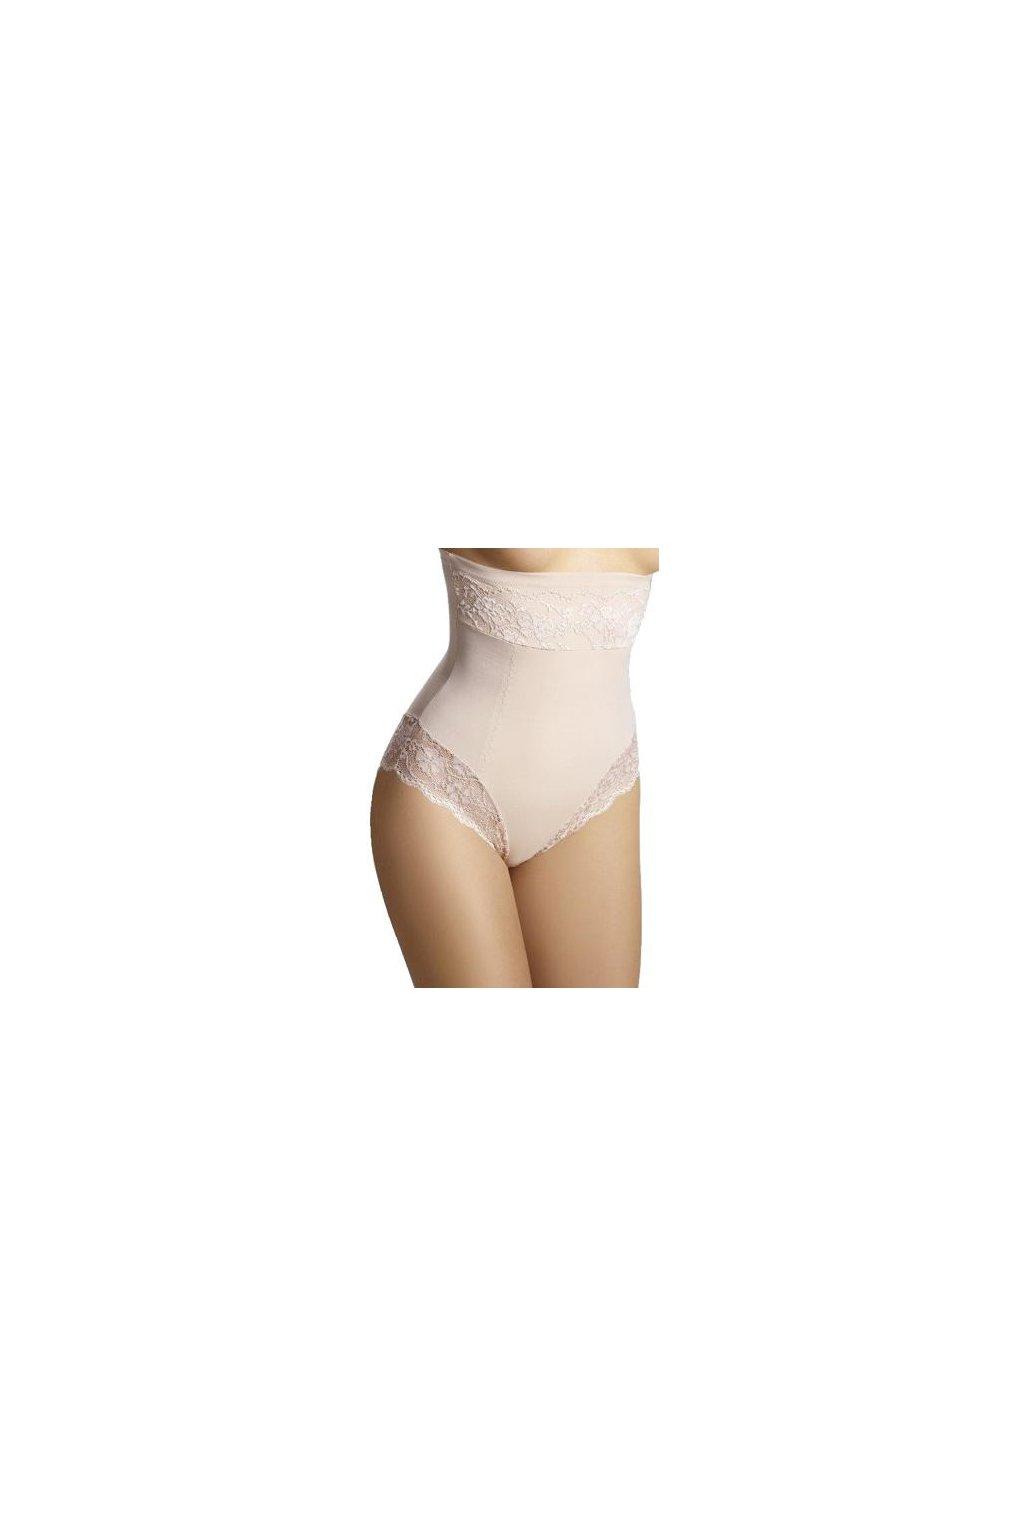 Stahovací kalhotky  s krajkou Valerie tělové